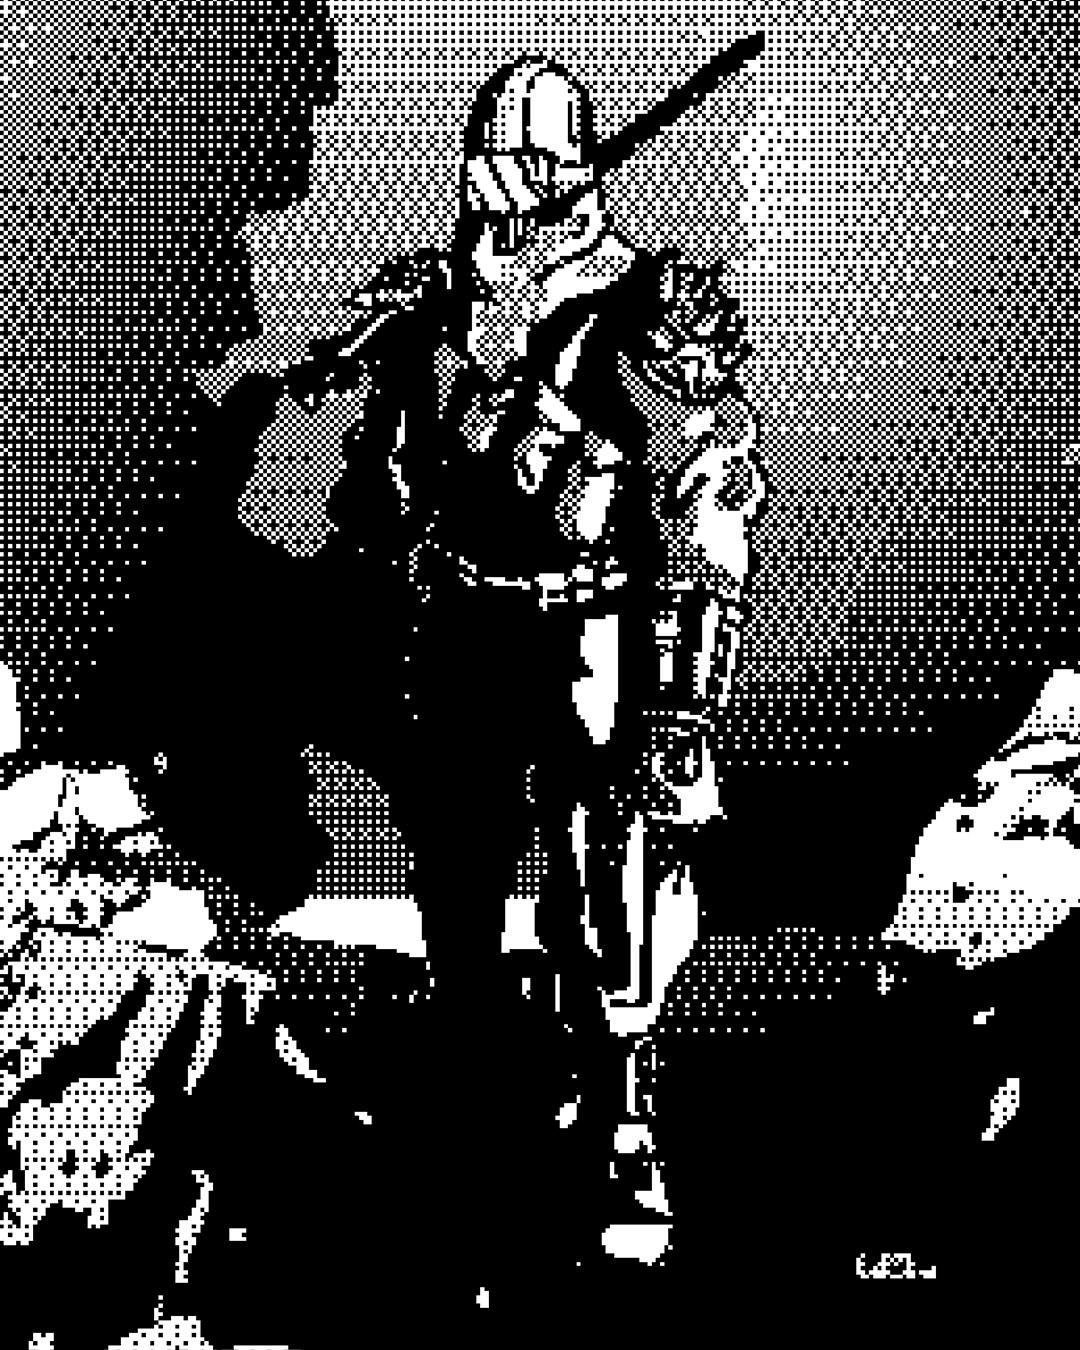 Pendragon-bootlegtoys-con-008-